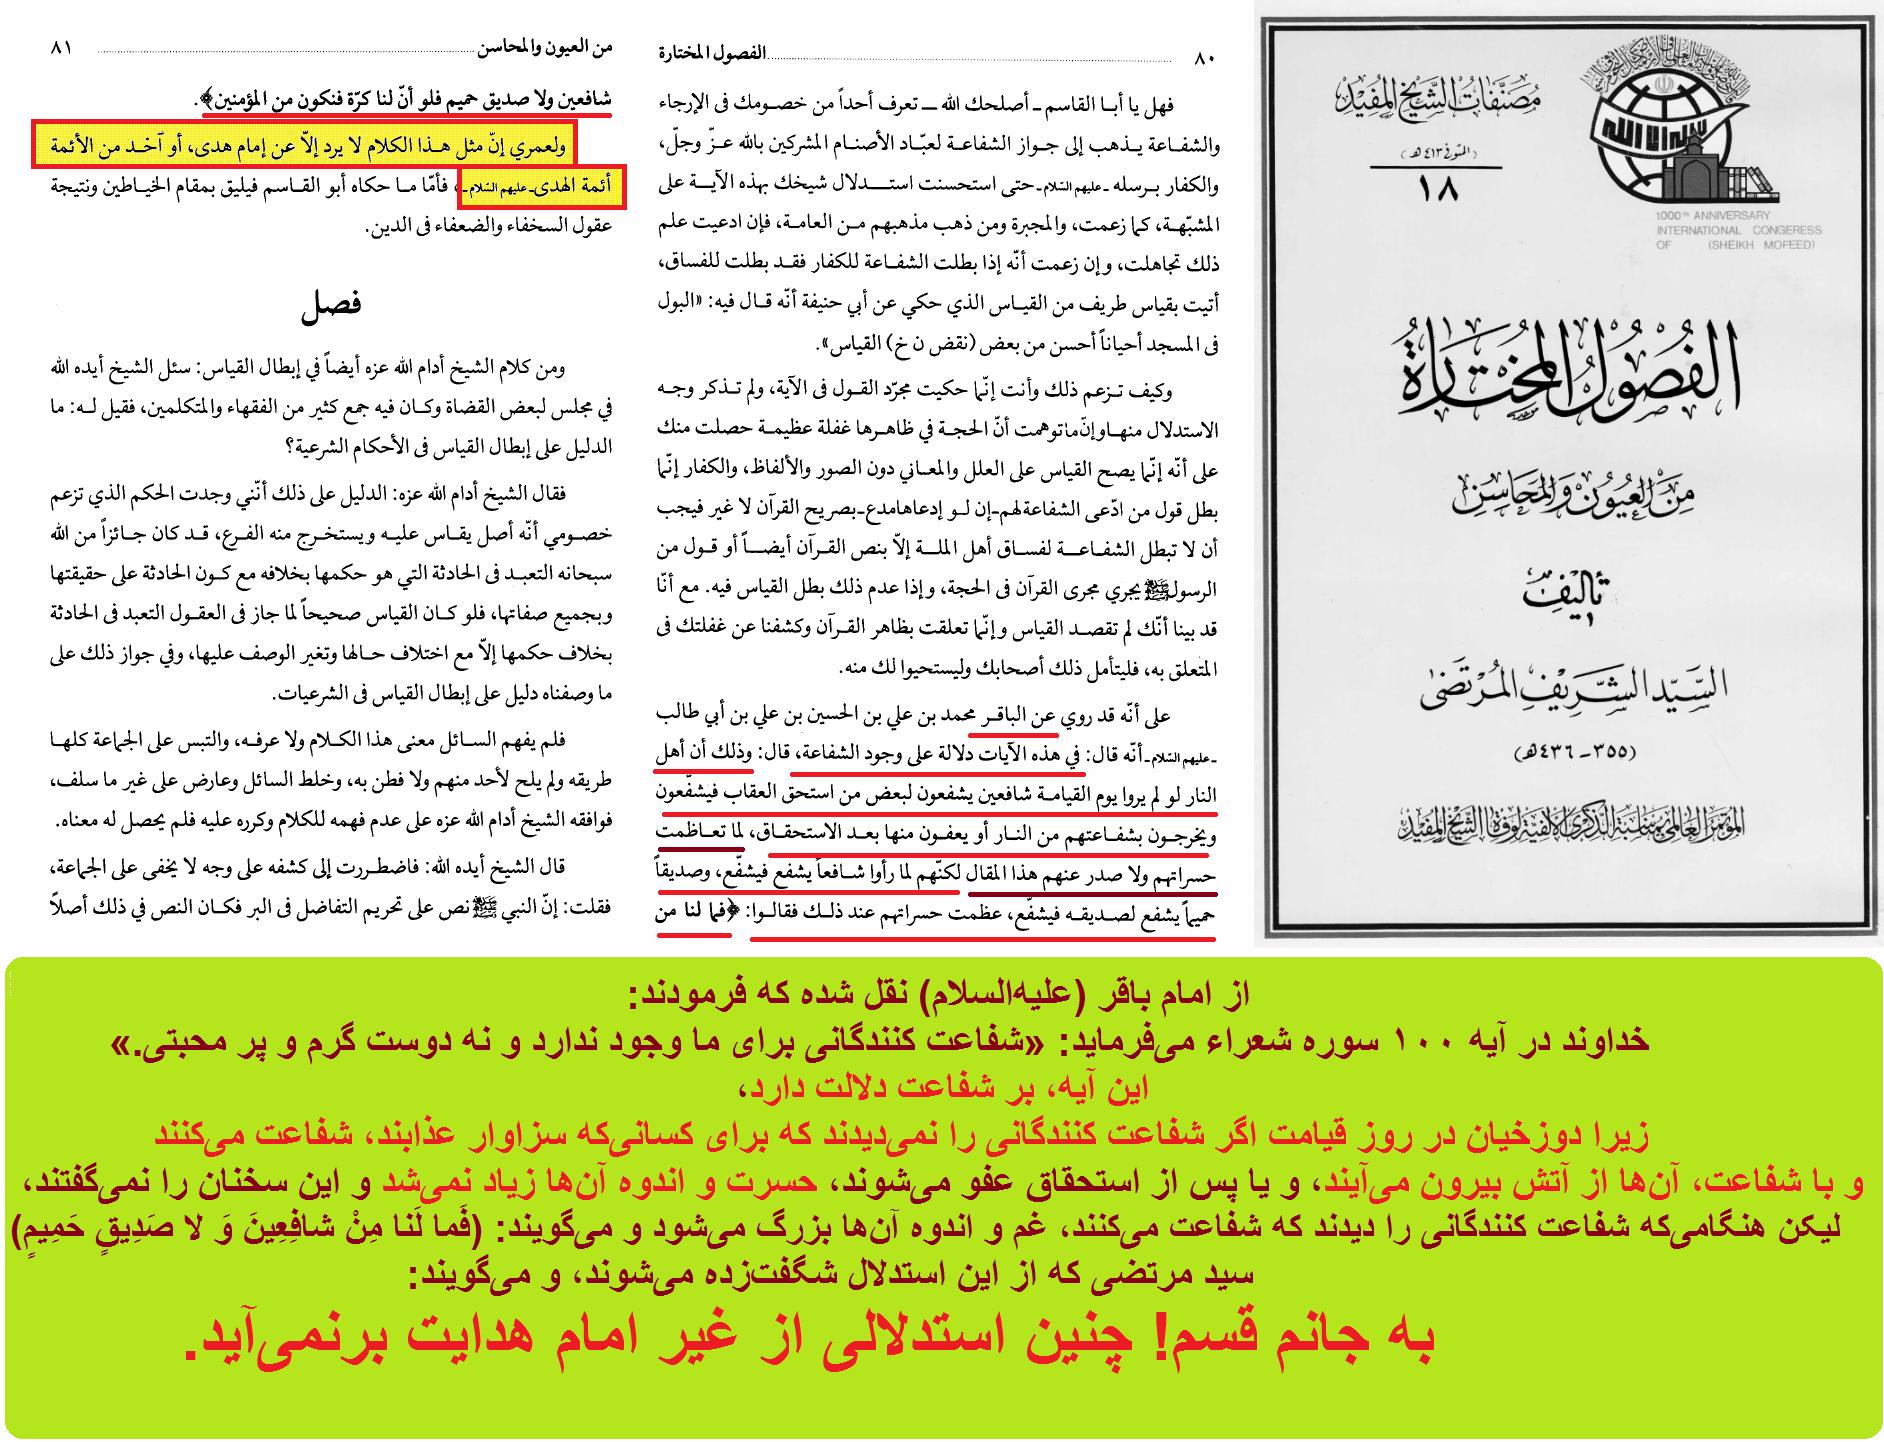 استدلال امام باقر (علیهالسلام) به قرآن، جهت اثبات شفاعت